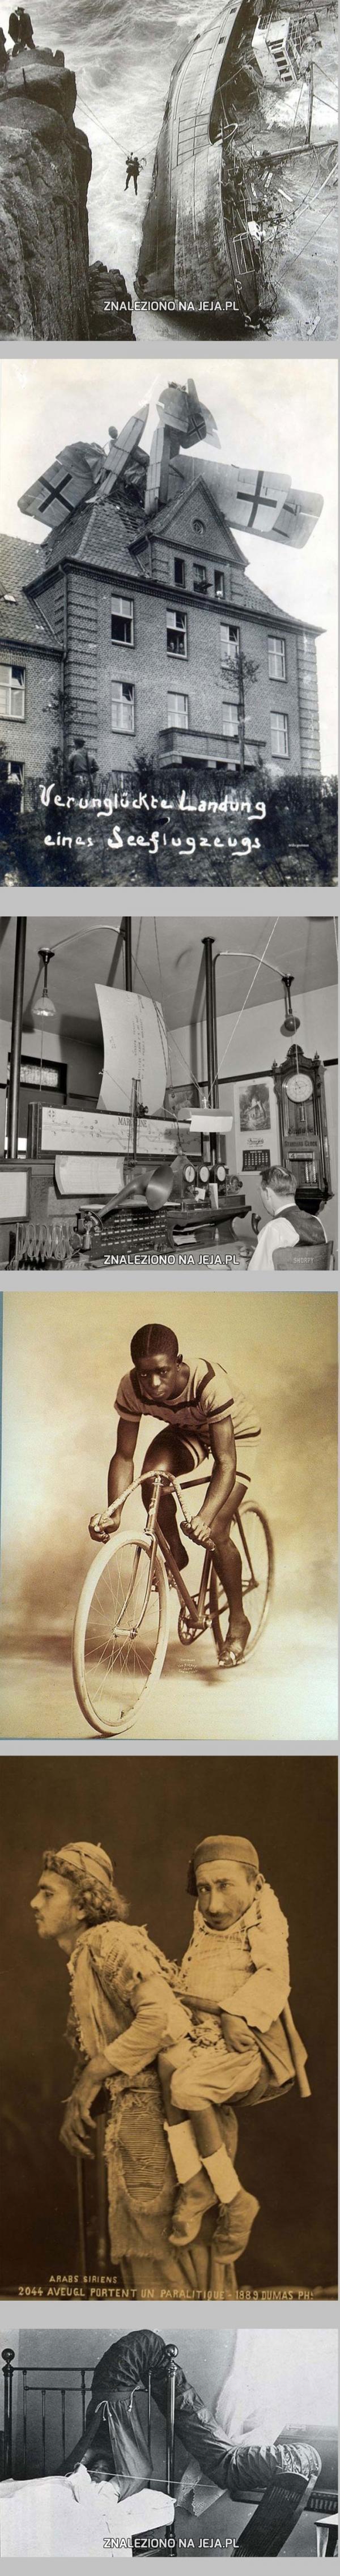 Dziwne zdjęcia z przeszłości